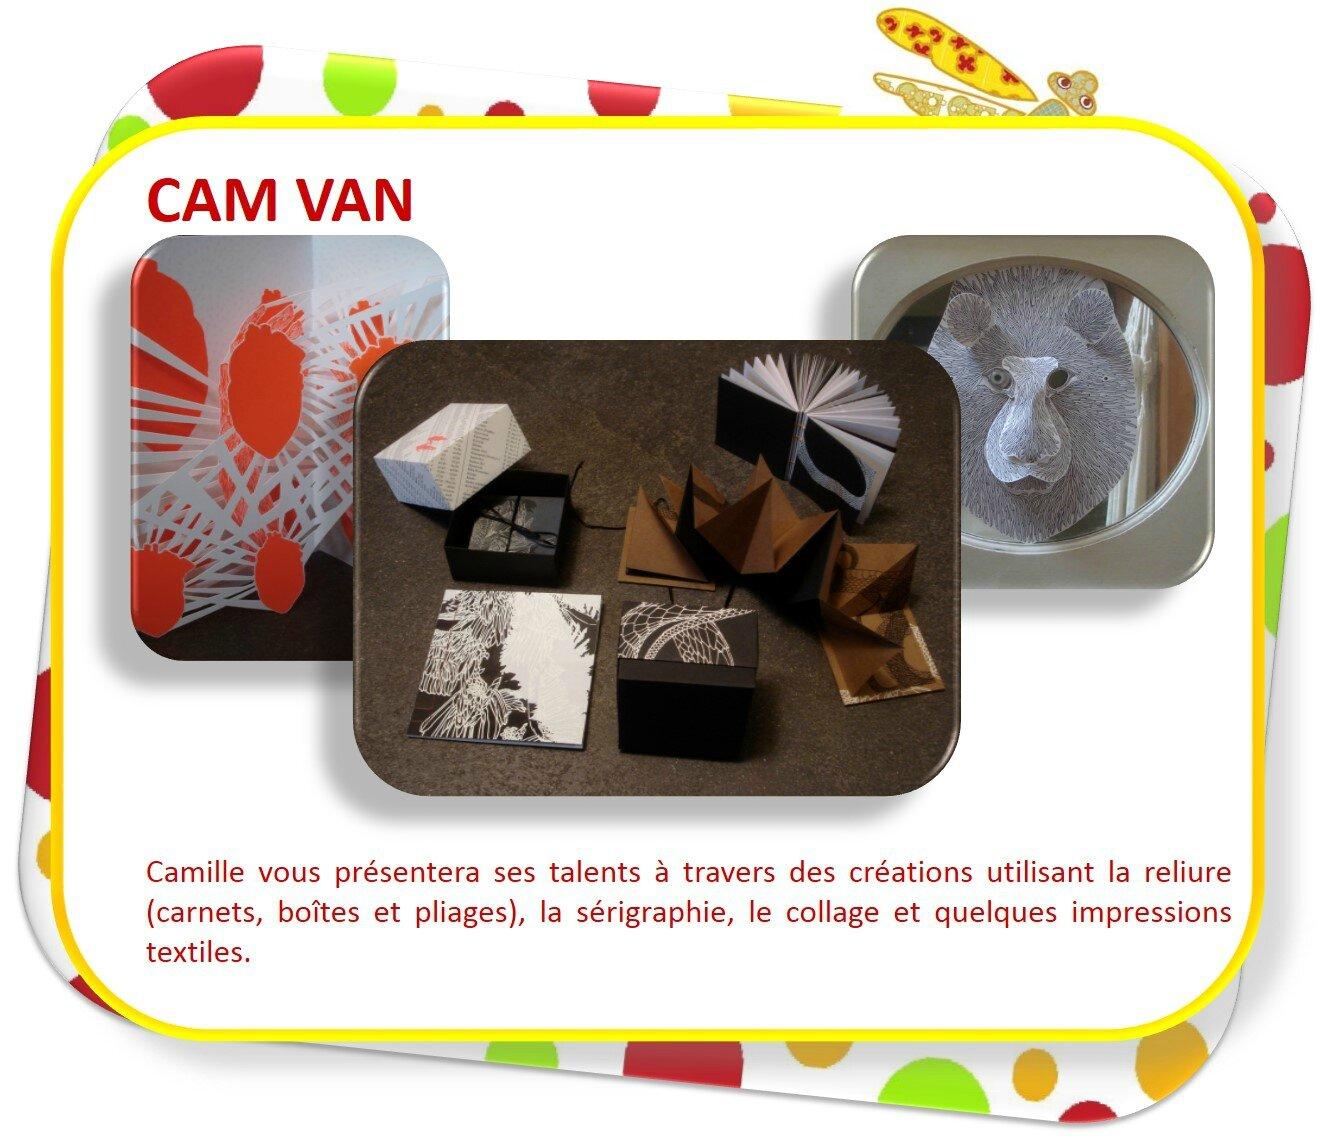 CAM VAN